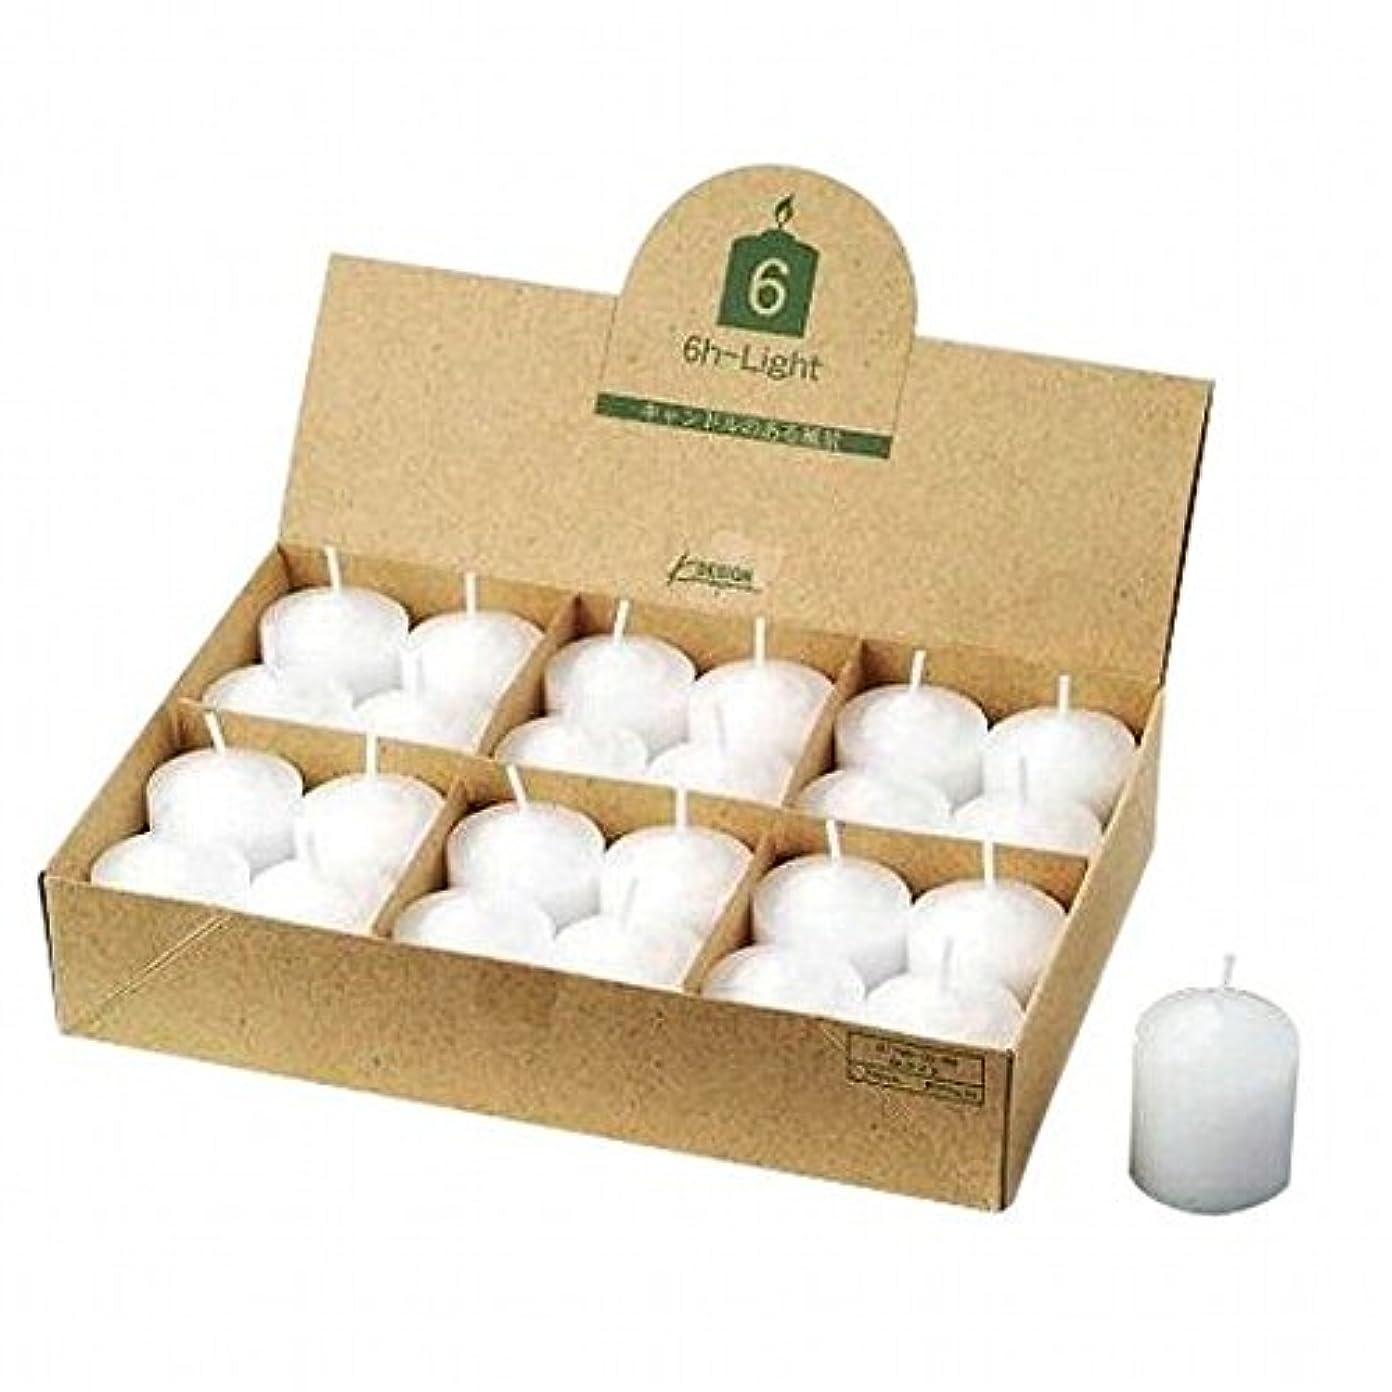 メイトフラップ欲望kameyama candle(カメヤマキャンドル) 6Hライト(6時間タイプ)24個入り(日本製)(77960099)